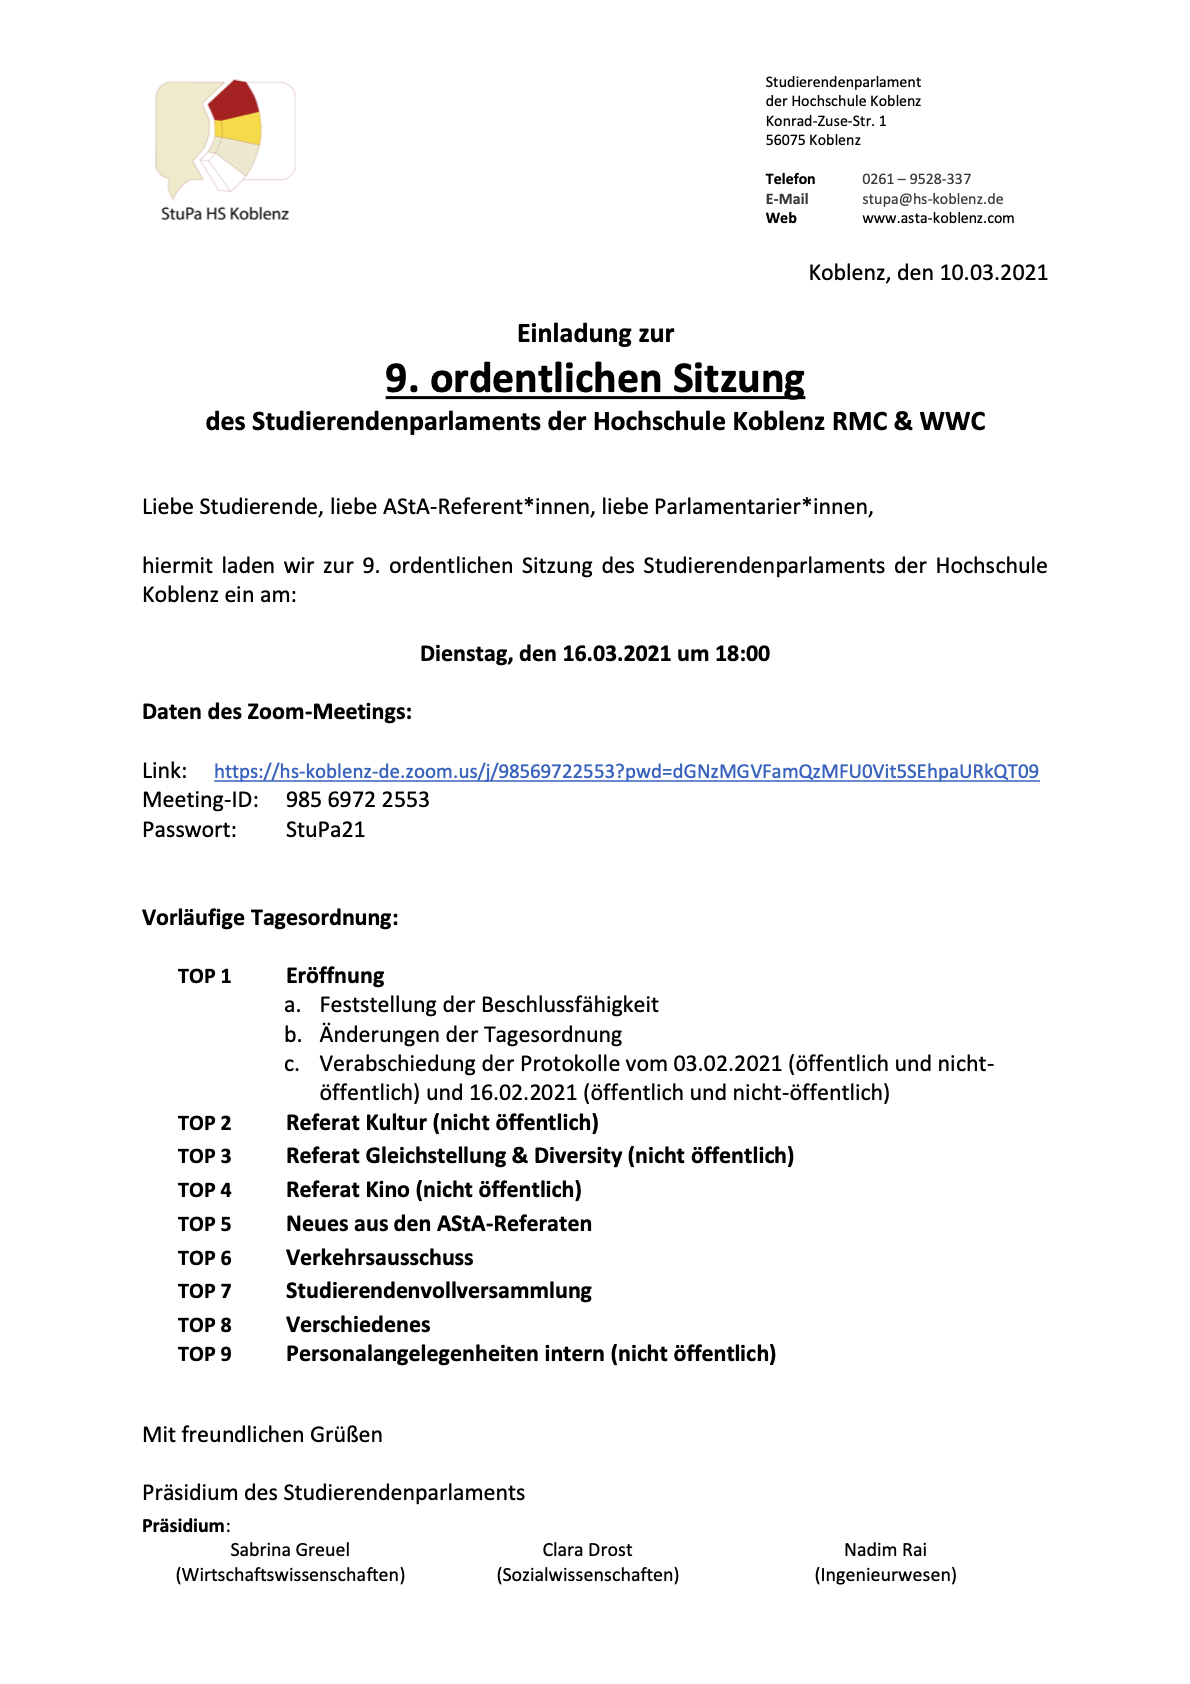 StuPa-Sitzungseinladung-9.-ordentliche-Sitzung-16.03.2021